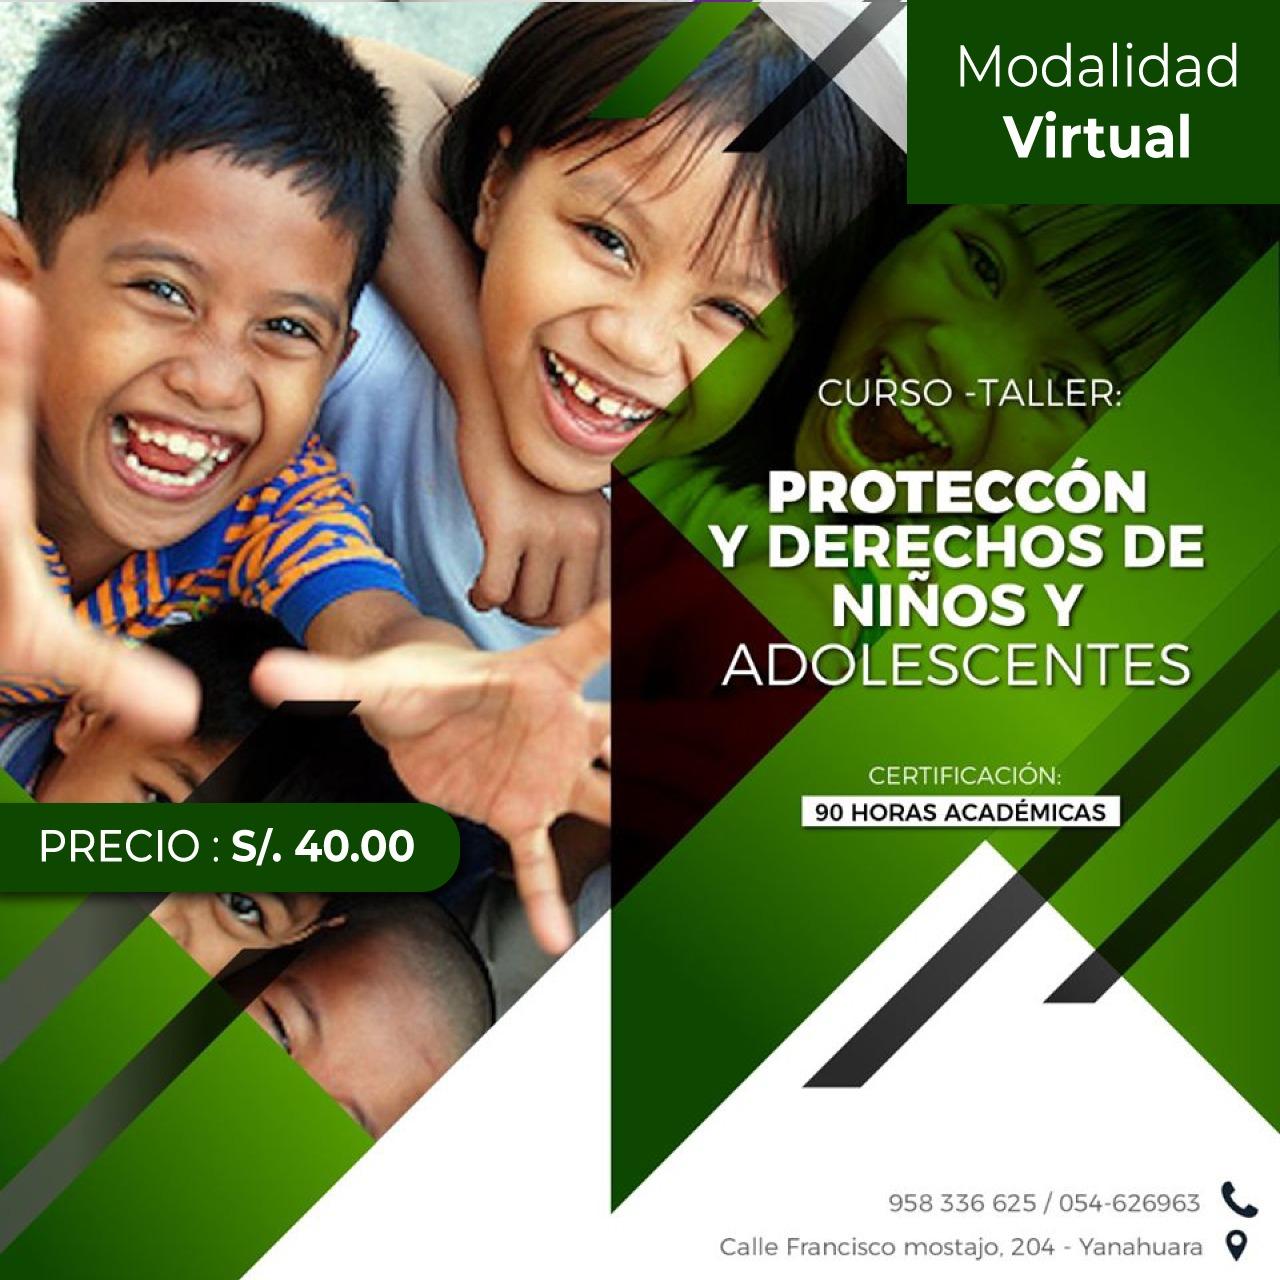 CURSO-TALLER :PROTECCIÓN Y DERECHOS DE NIÑOS Y ADOLESCENTES